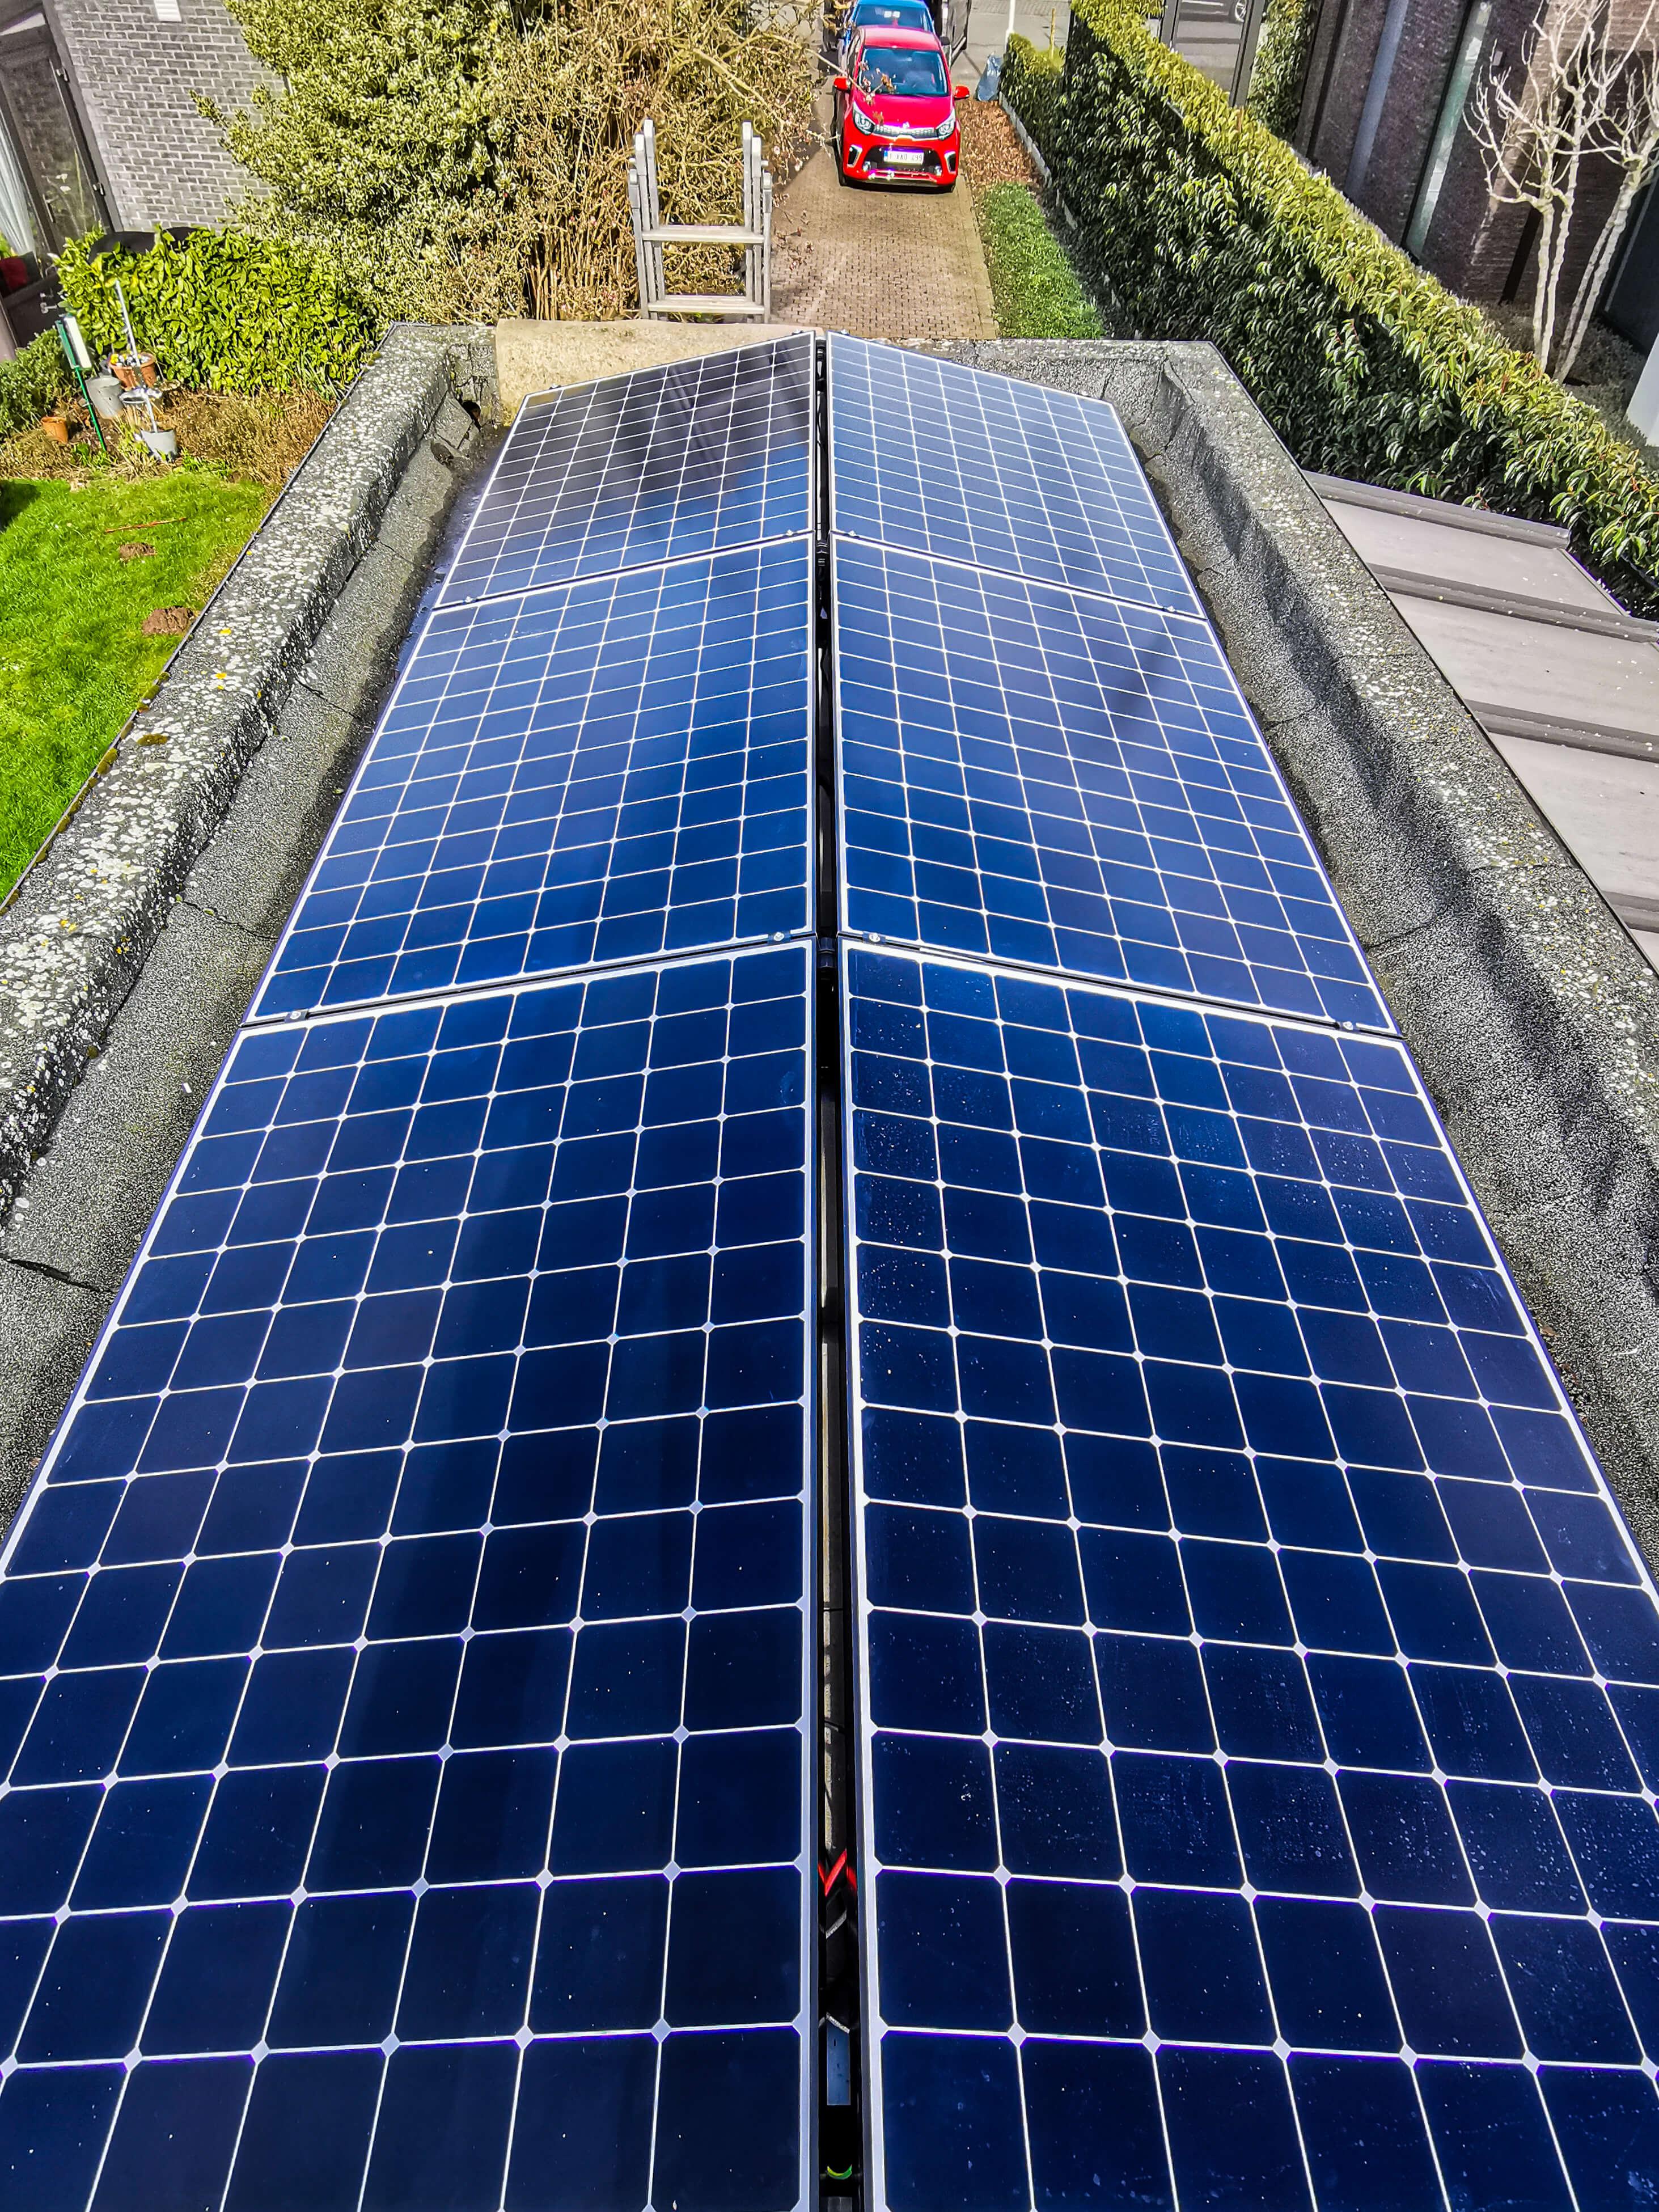 6 zonnepanelen op een zeer kleine dakoppervlakte.